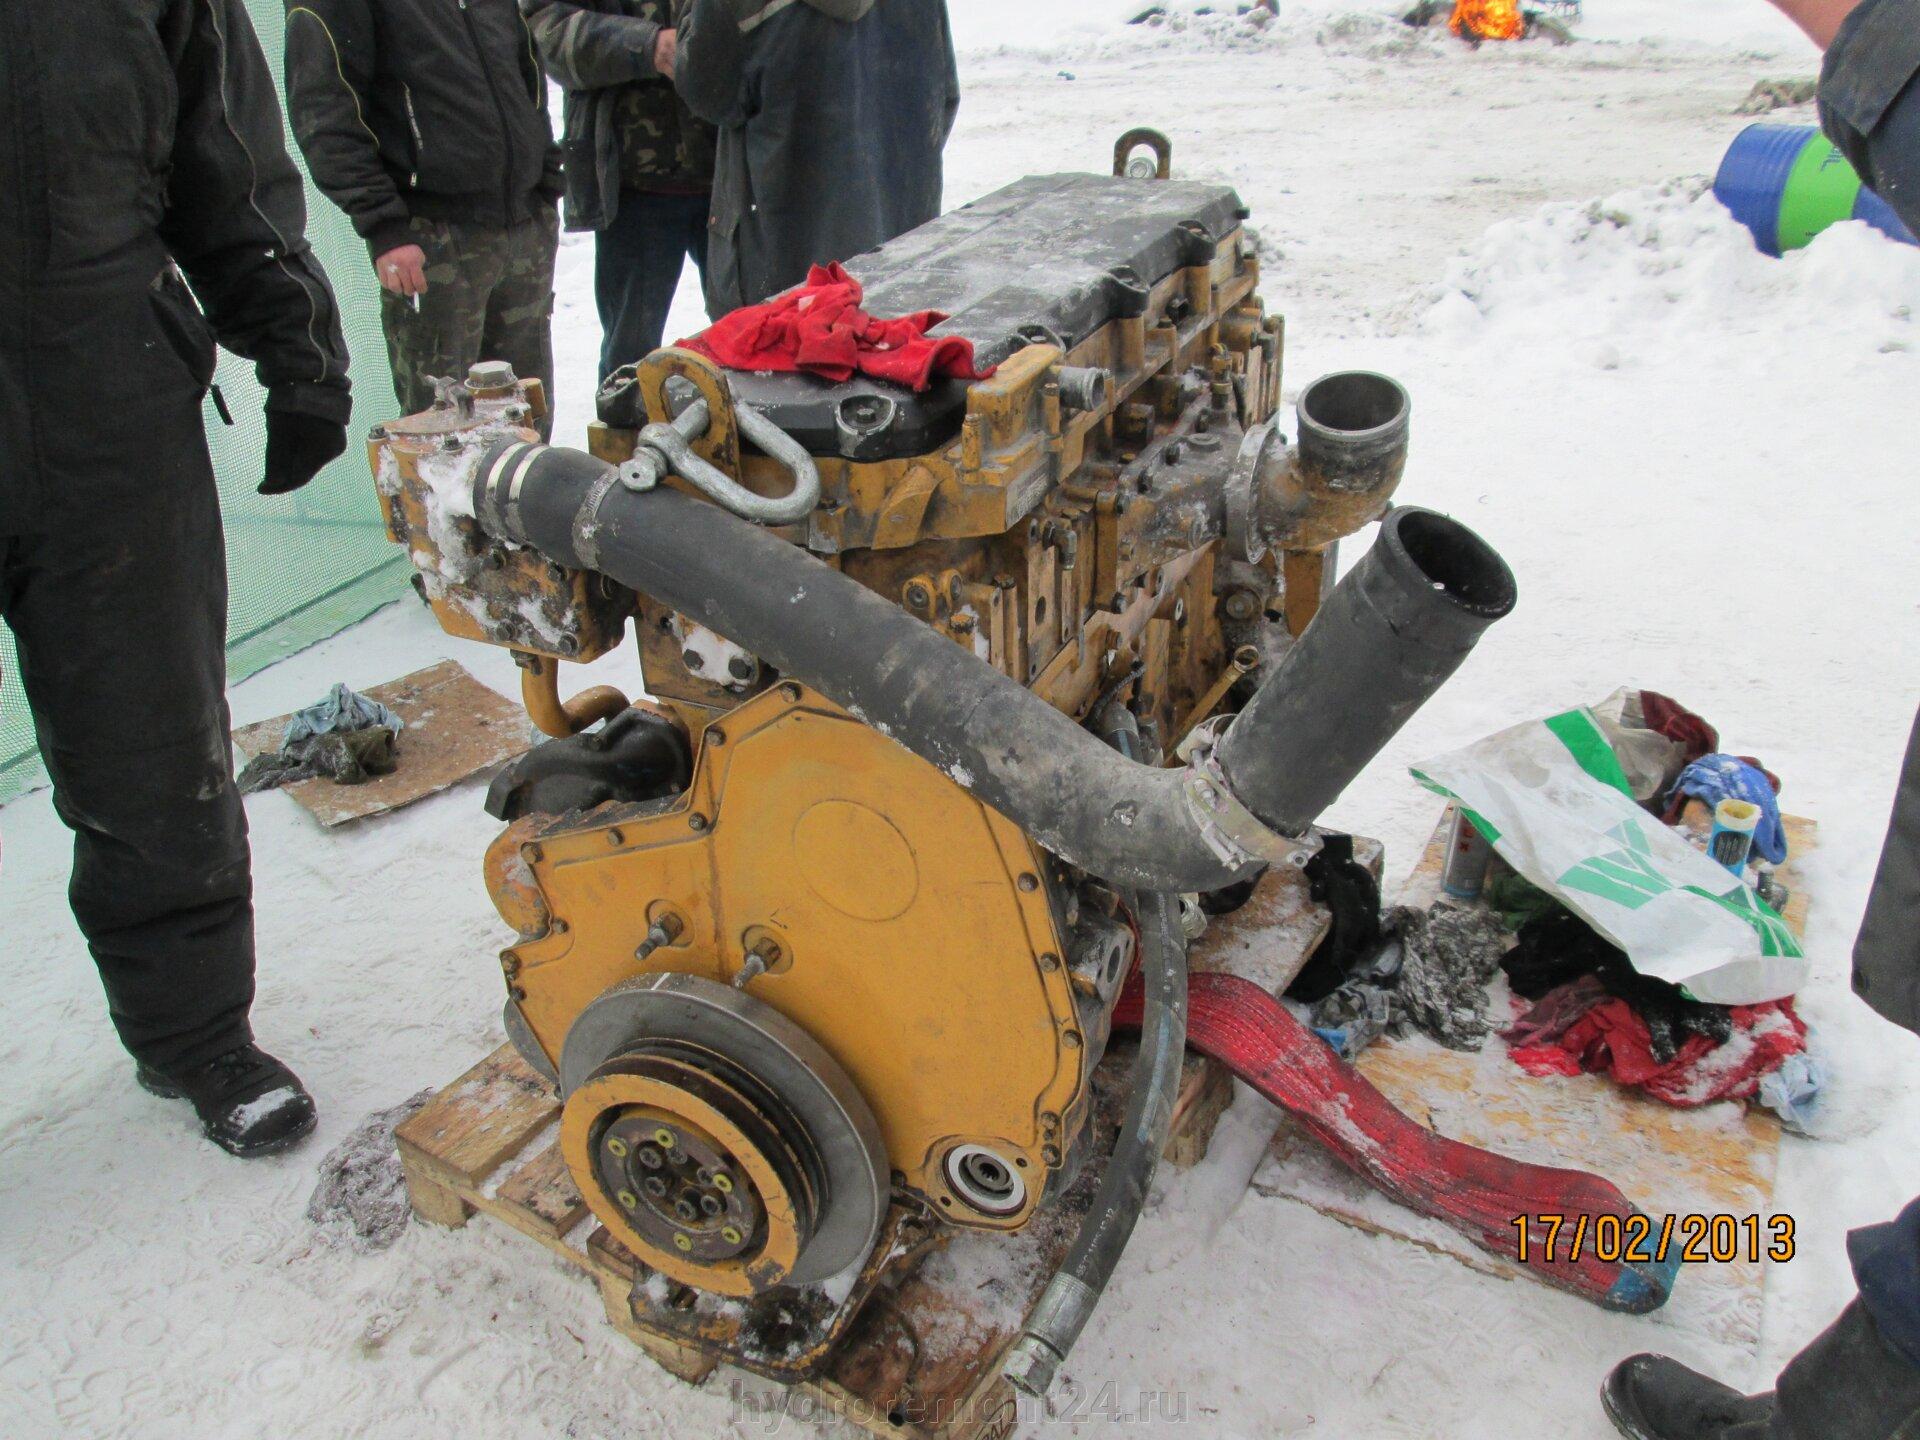 Ремонт двигателя экскаватора - фото pic_83070d3abbc289a1ce8e7aab61acaba3_1920x9000_1.jpg